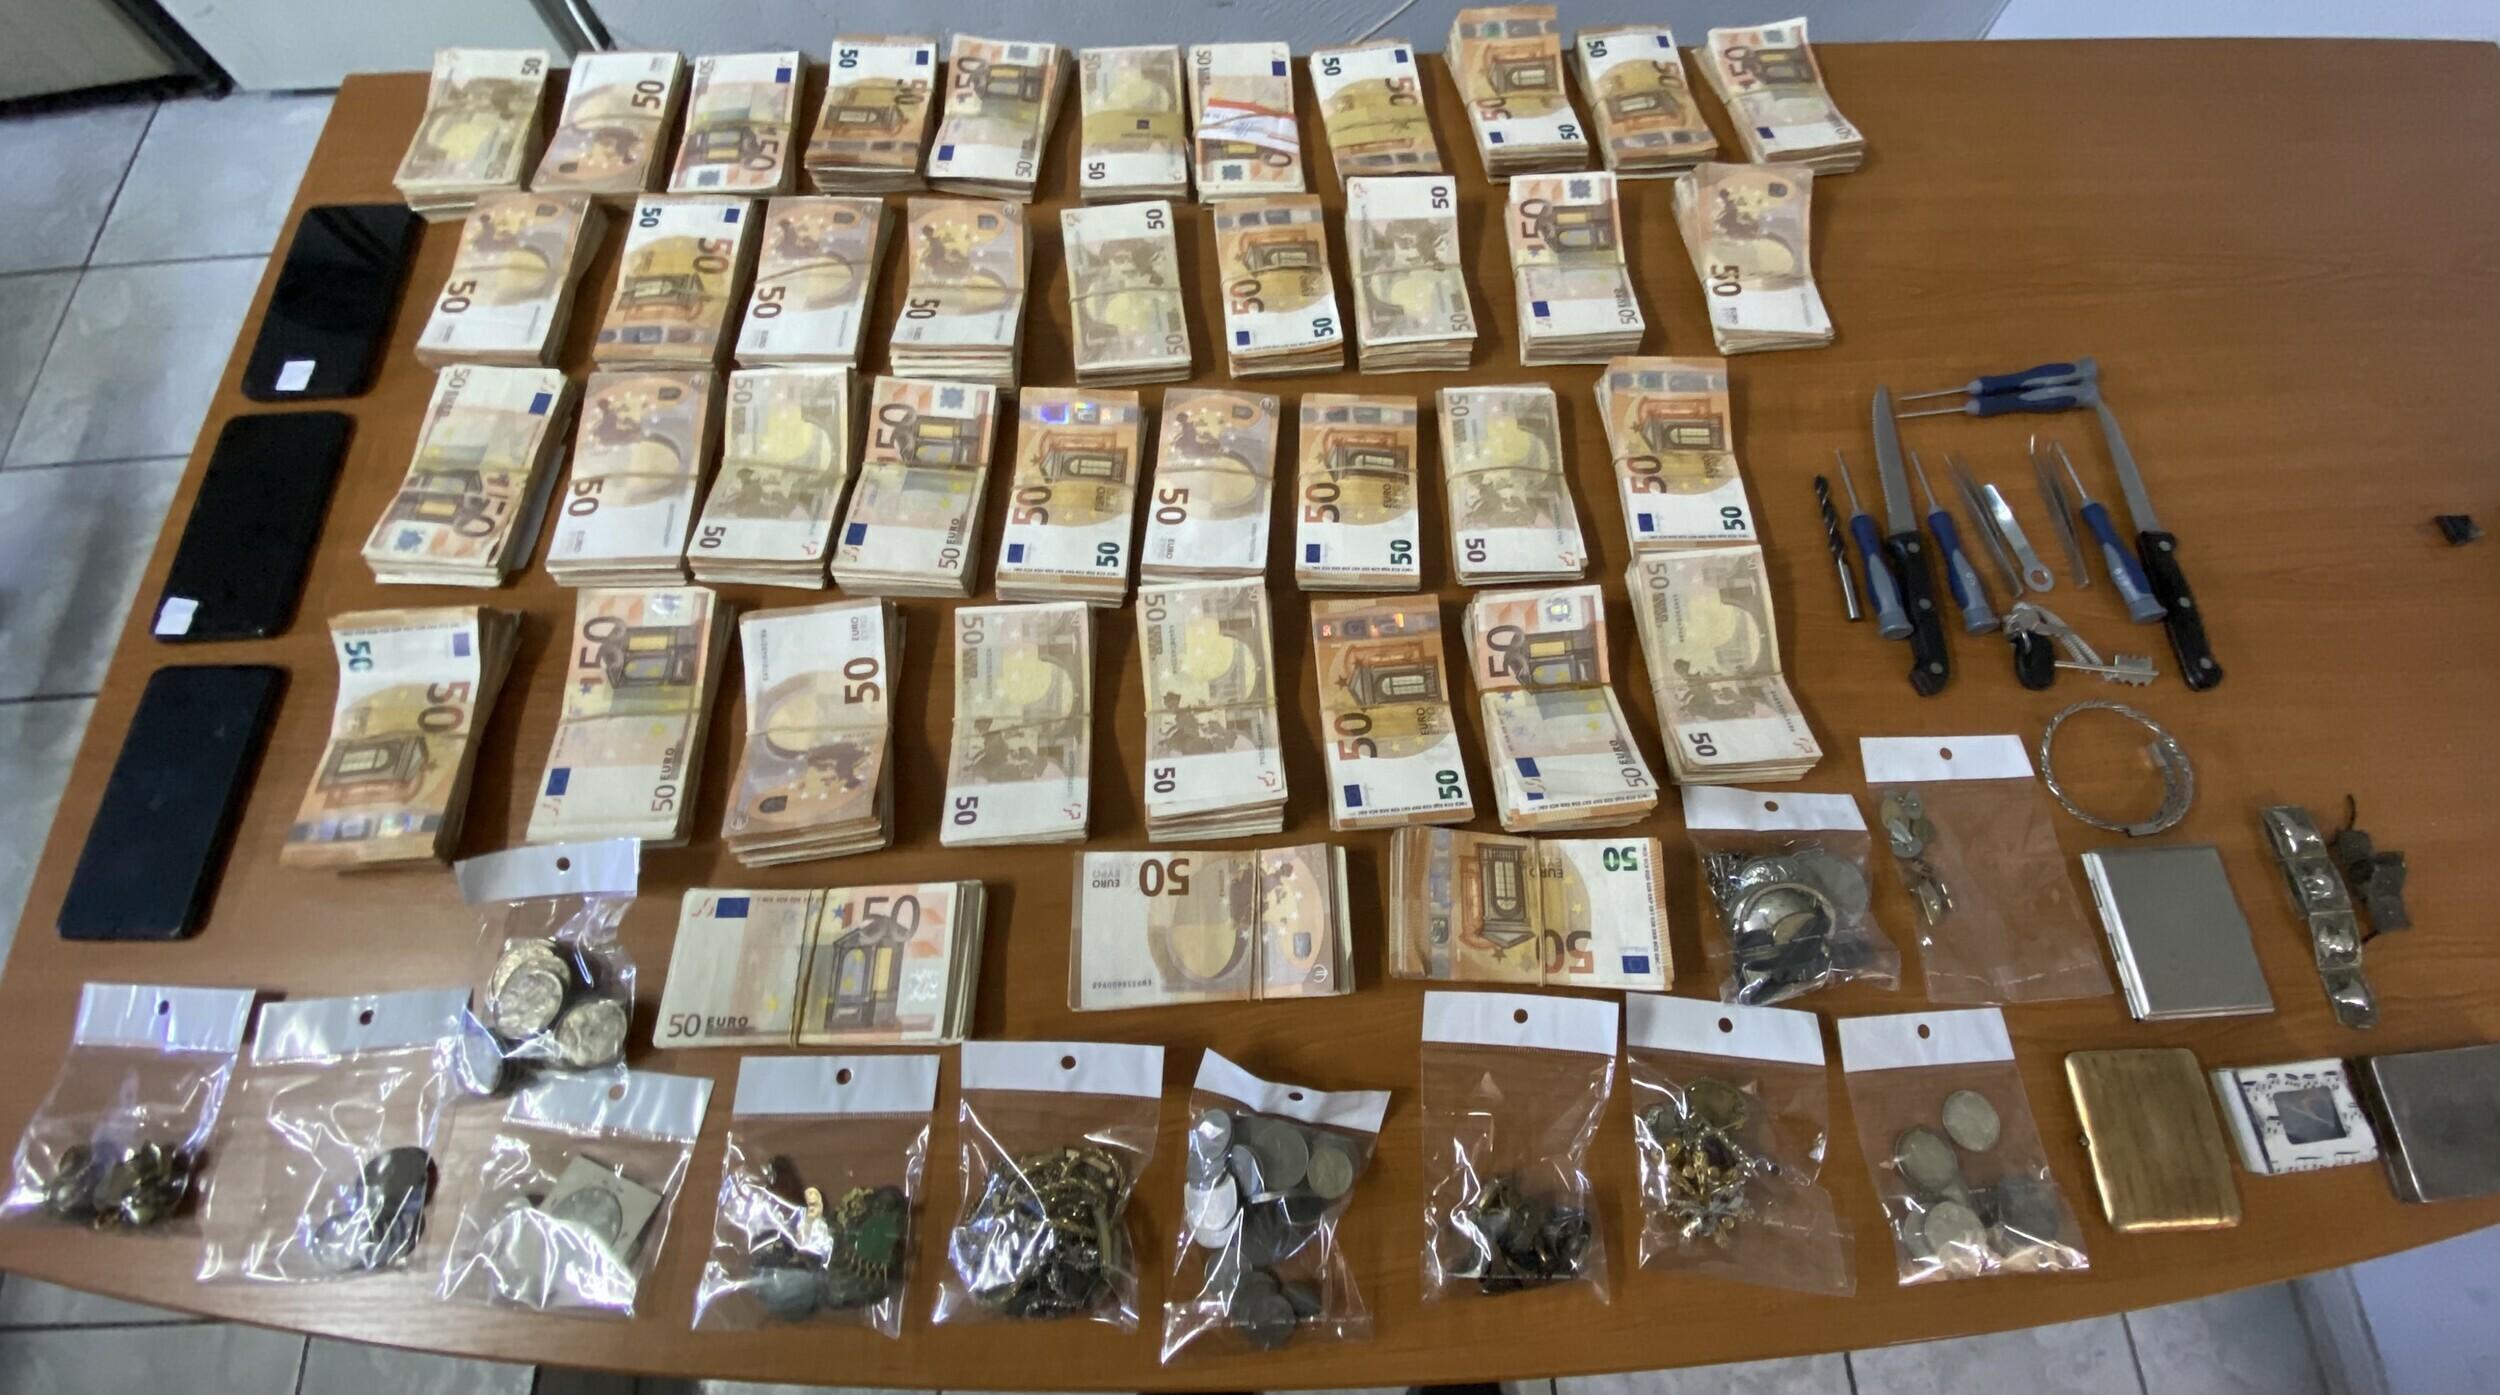 Συνελήφθησαν διαρρήκτες στον Άγιο Παντελεήμονα – 200.000 ευρώ η λεία τους